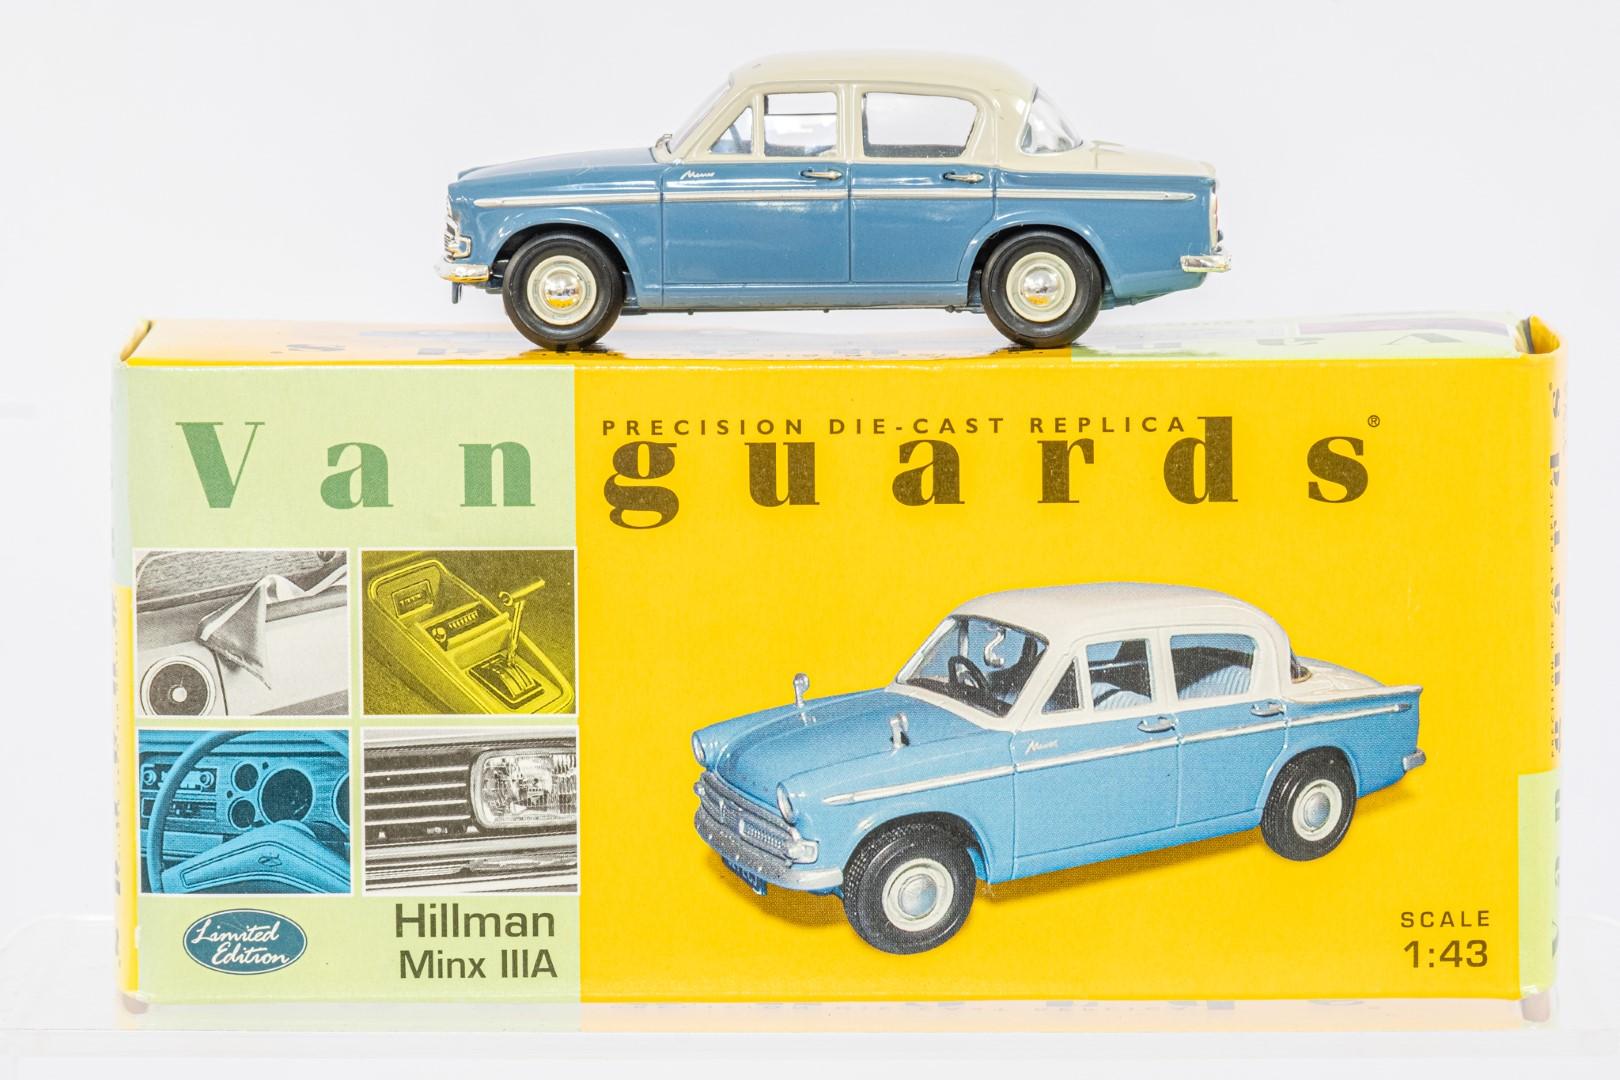 Vanguards Vauxhall Viva SL / Ford Cortina MK I / Hillman Minx IIIA - - Image 3 of 4